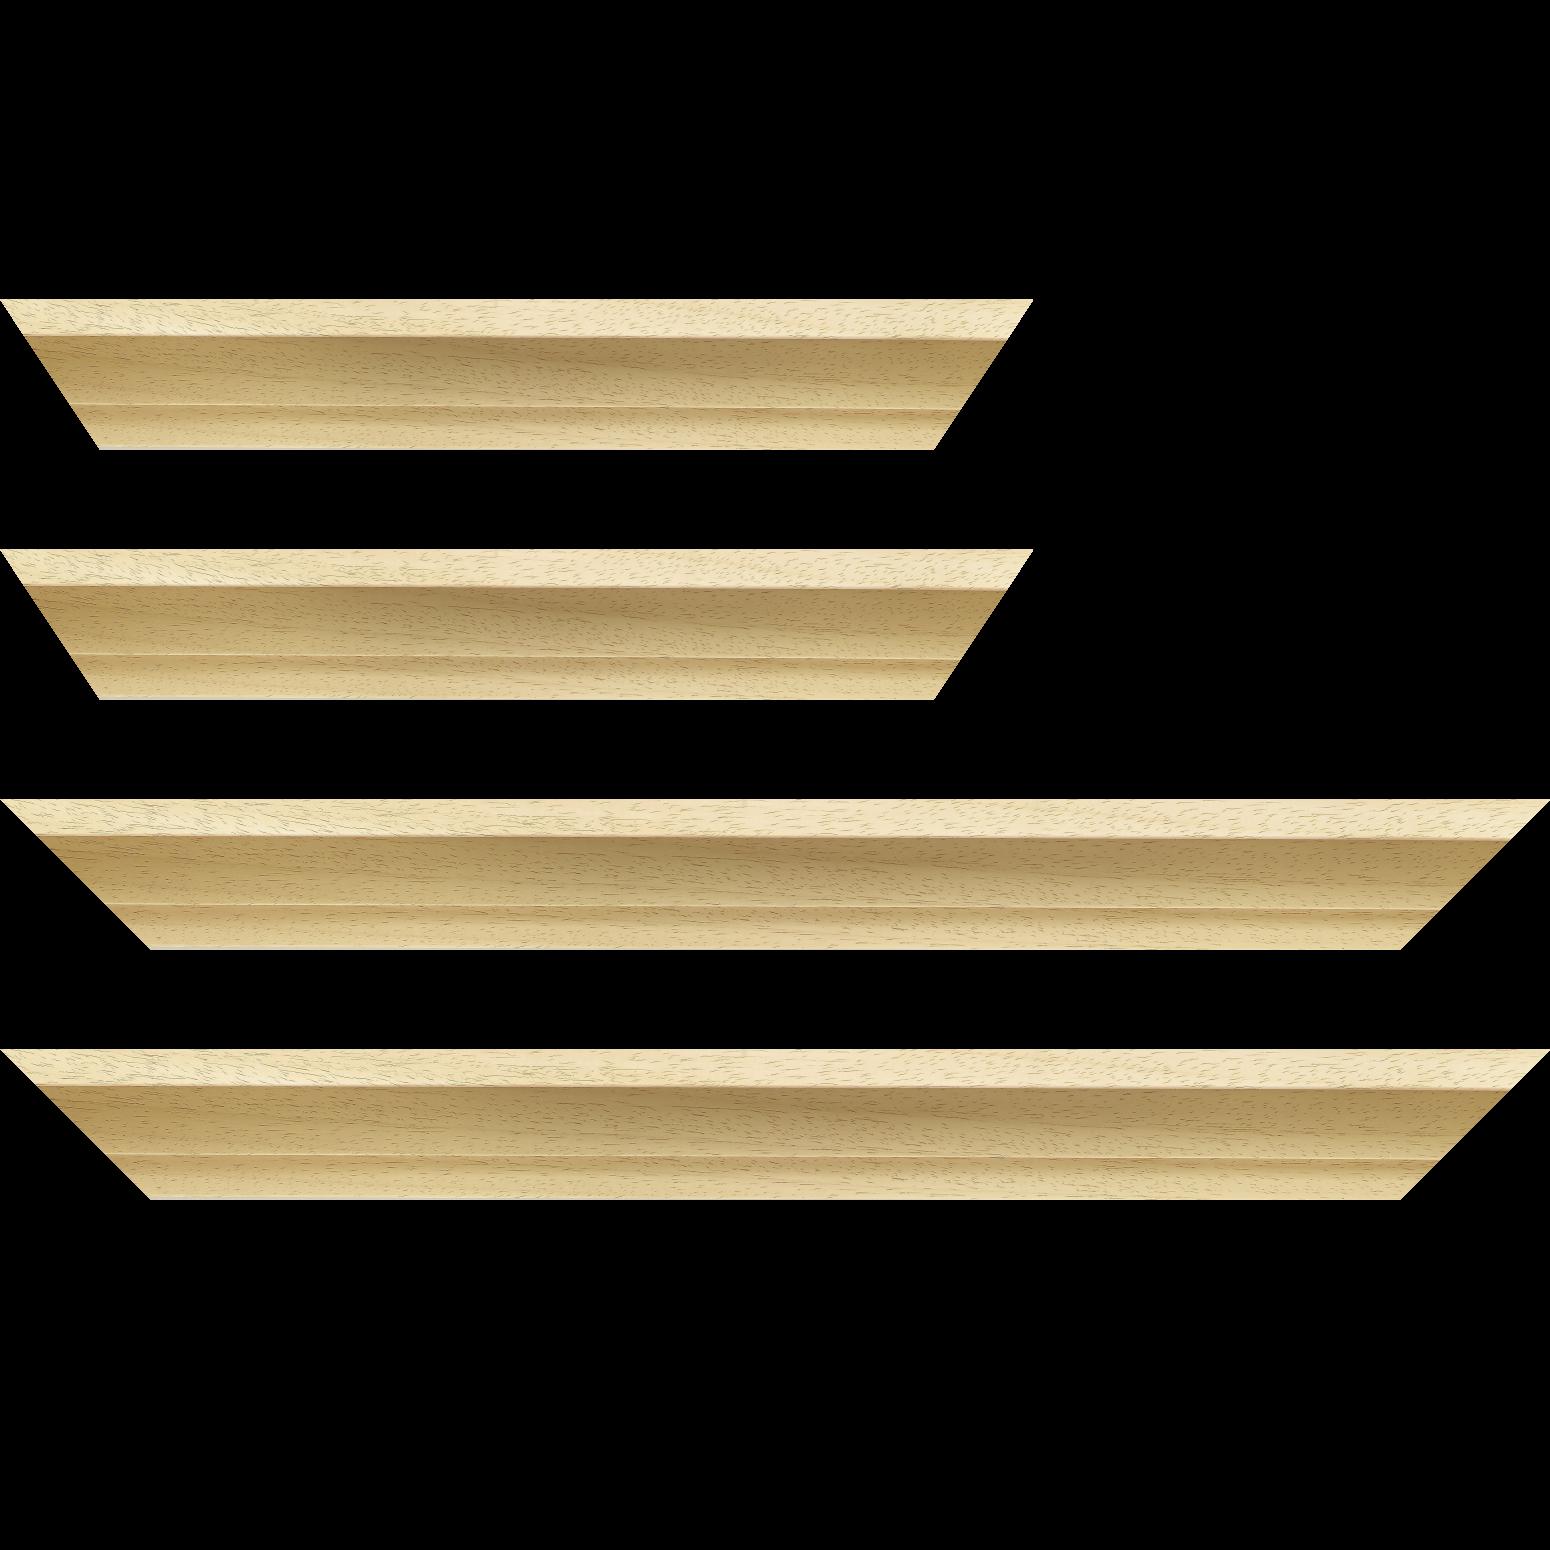 Baguette service précoupé Bois caisse américaine XL profil escalier largeur 4.9cm naturel brut (spécialement conçu pour les châssis 3D d'une épaisseur de 3 à 4cm) sans verni,peut être peint...